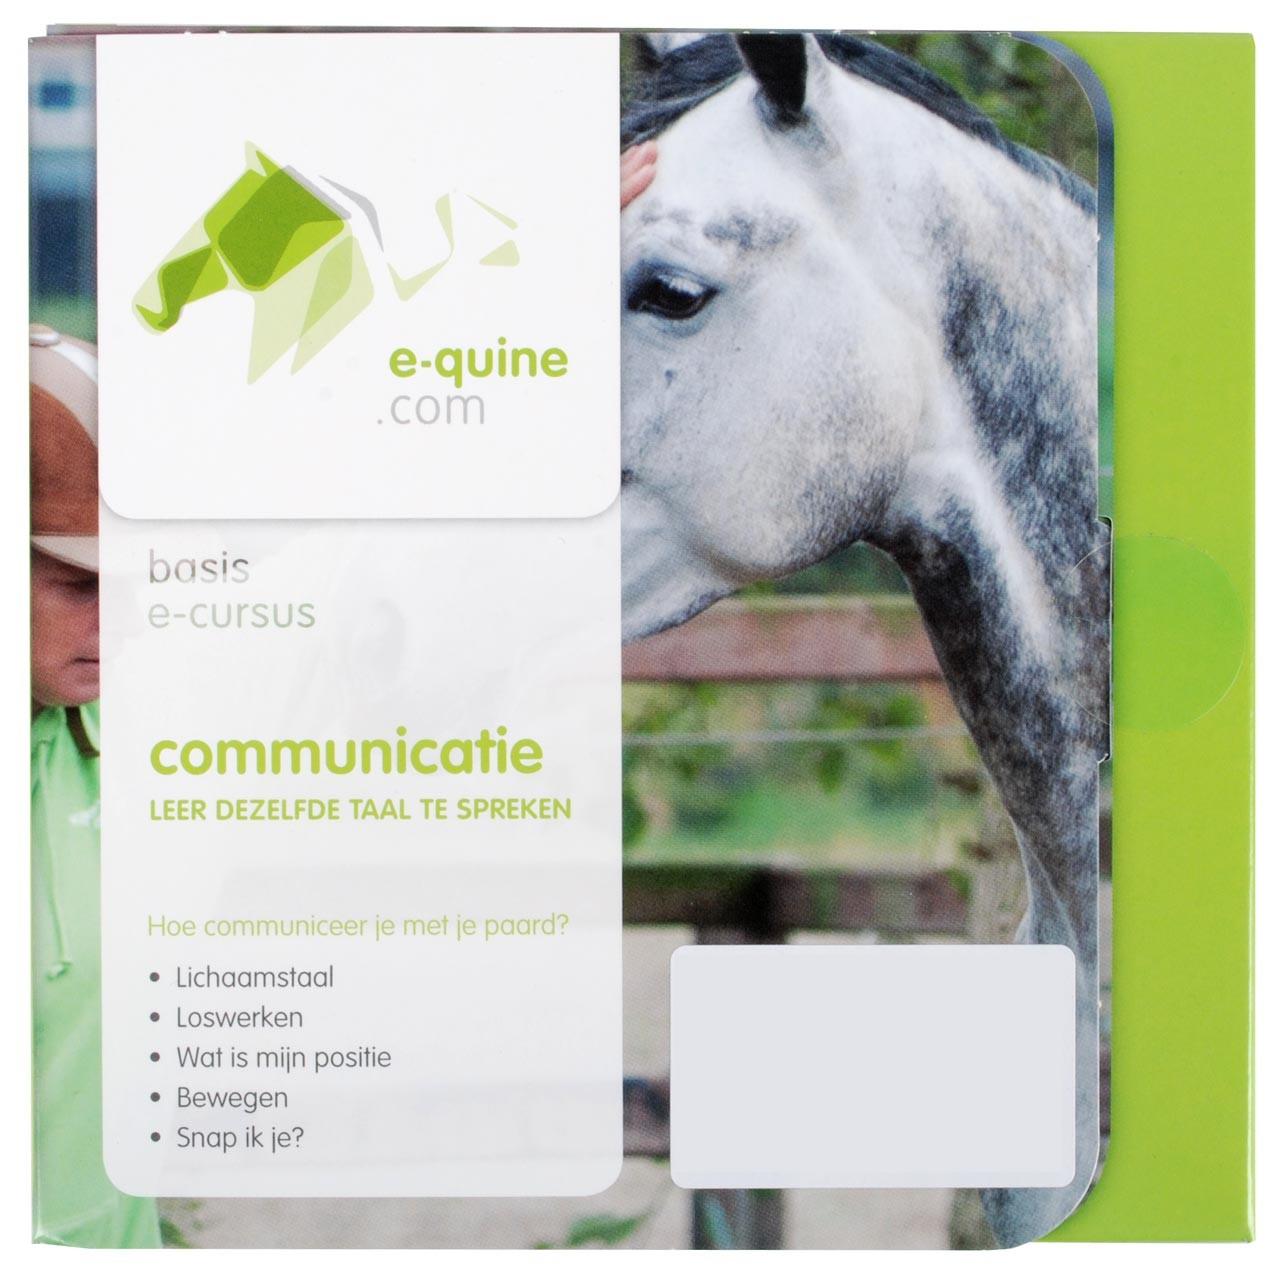 E-quine E-cursus Communicatie